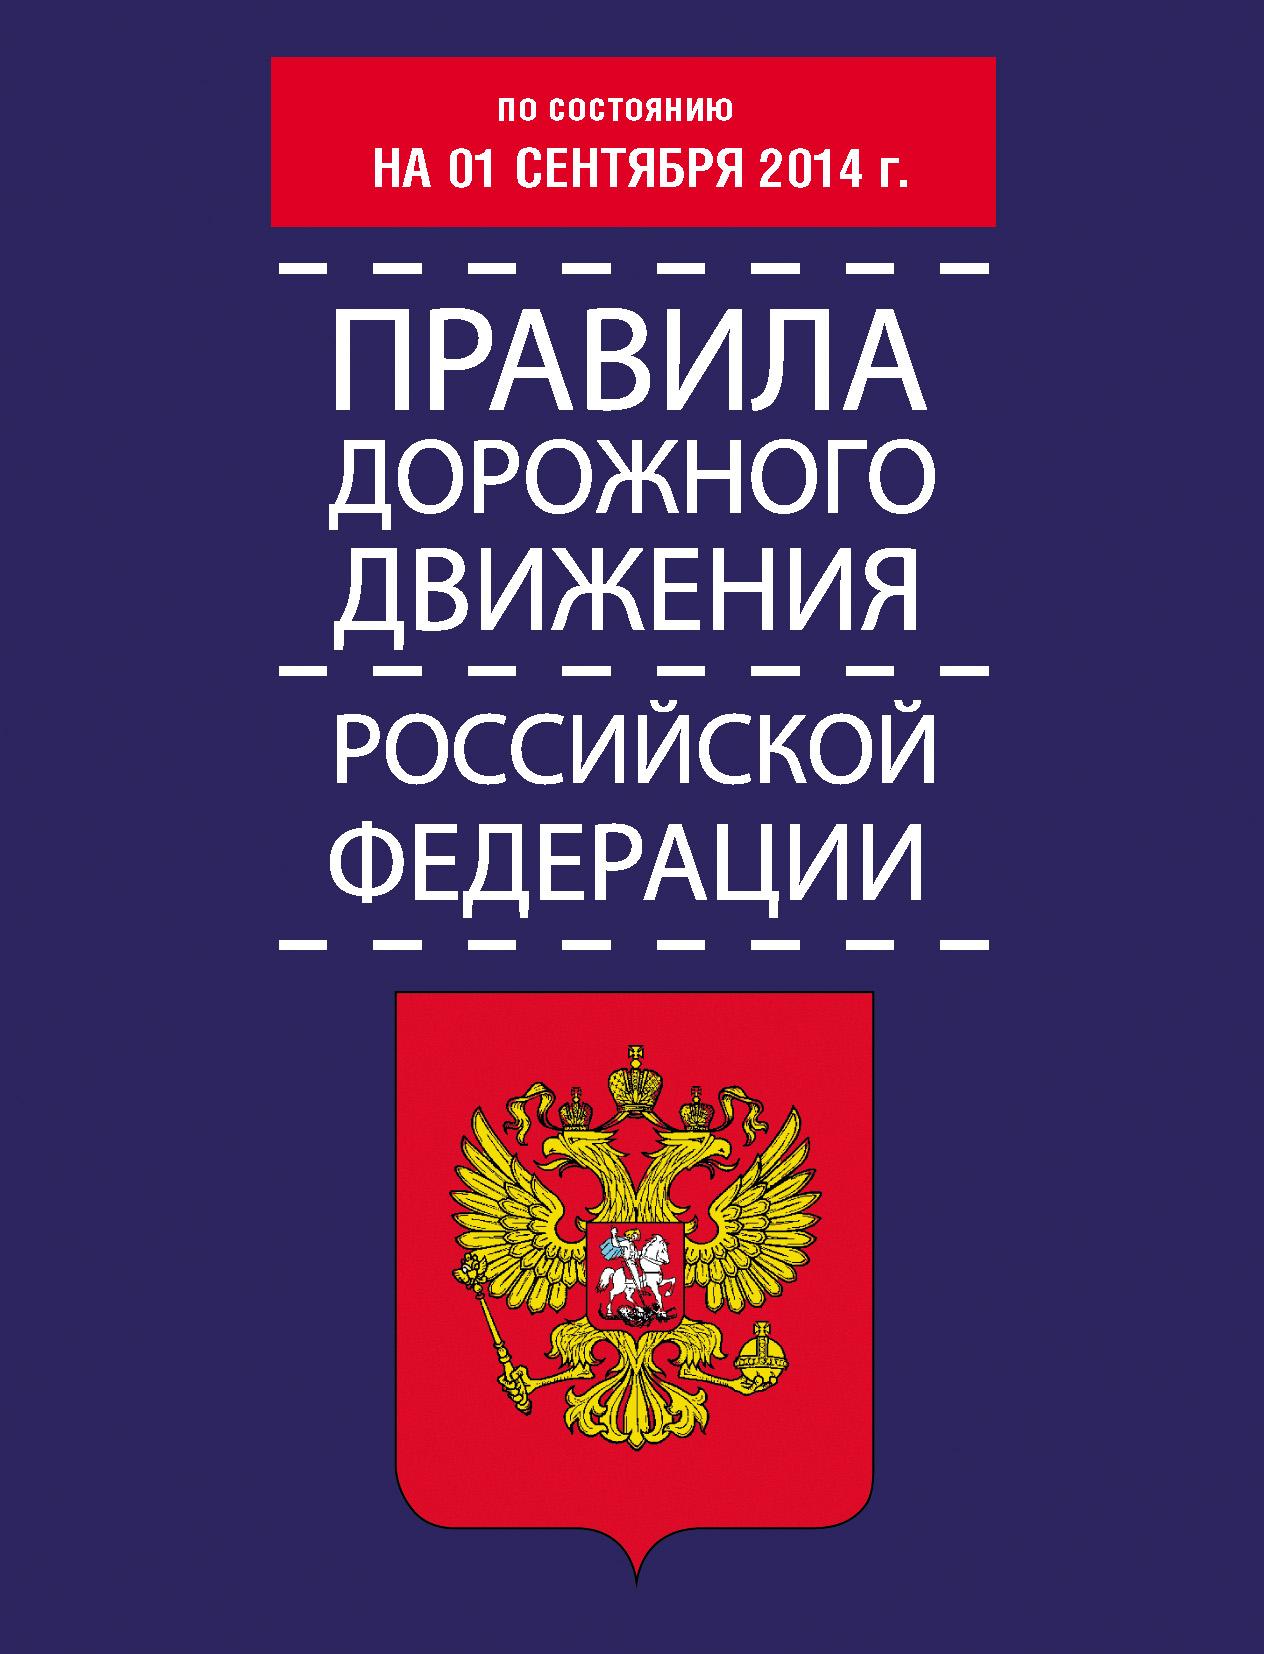 Отсутствует Правила дорожного движения Российской Федерации по состоянию на 01 сентября 2014 г. отсутствует правила дорожного движения российской федерации по состоянию на 01 сентября 2014 г